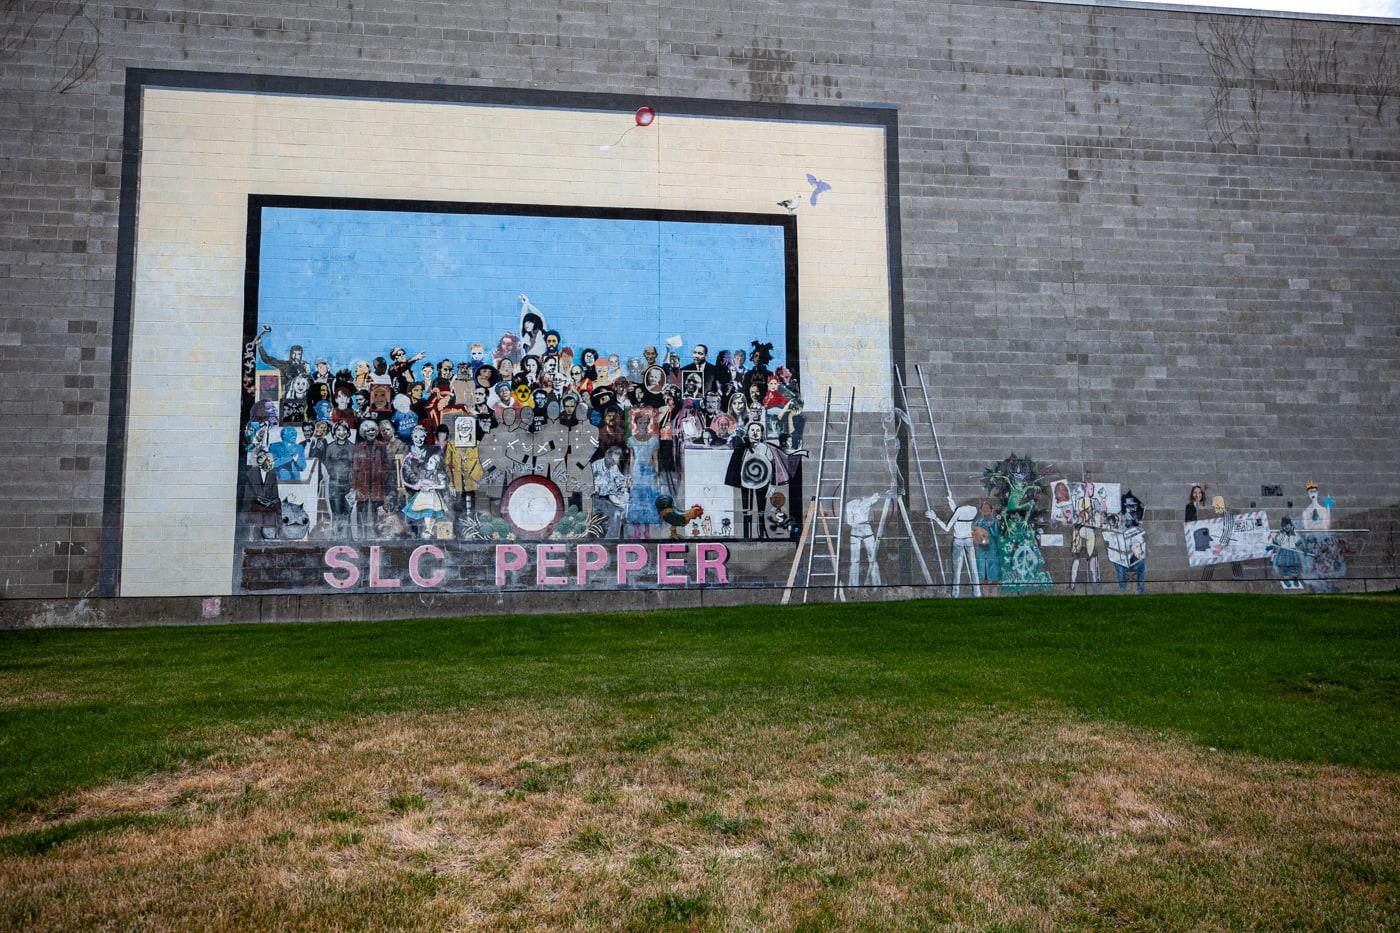 SLC Pepper Mural in Salt Lake City, Utah.